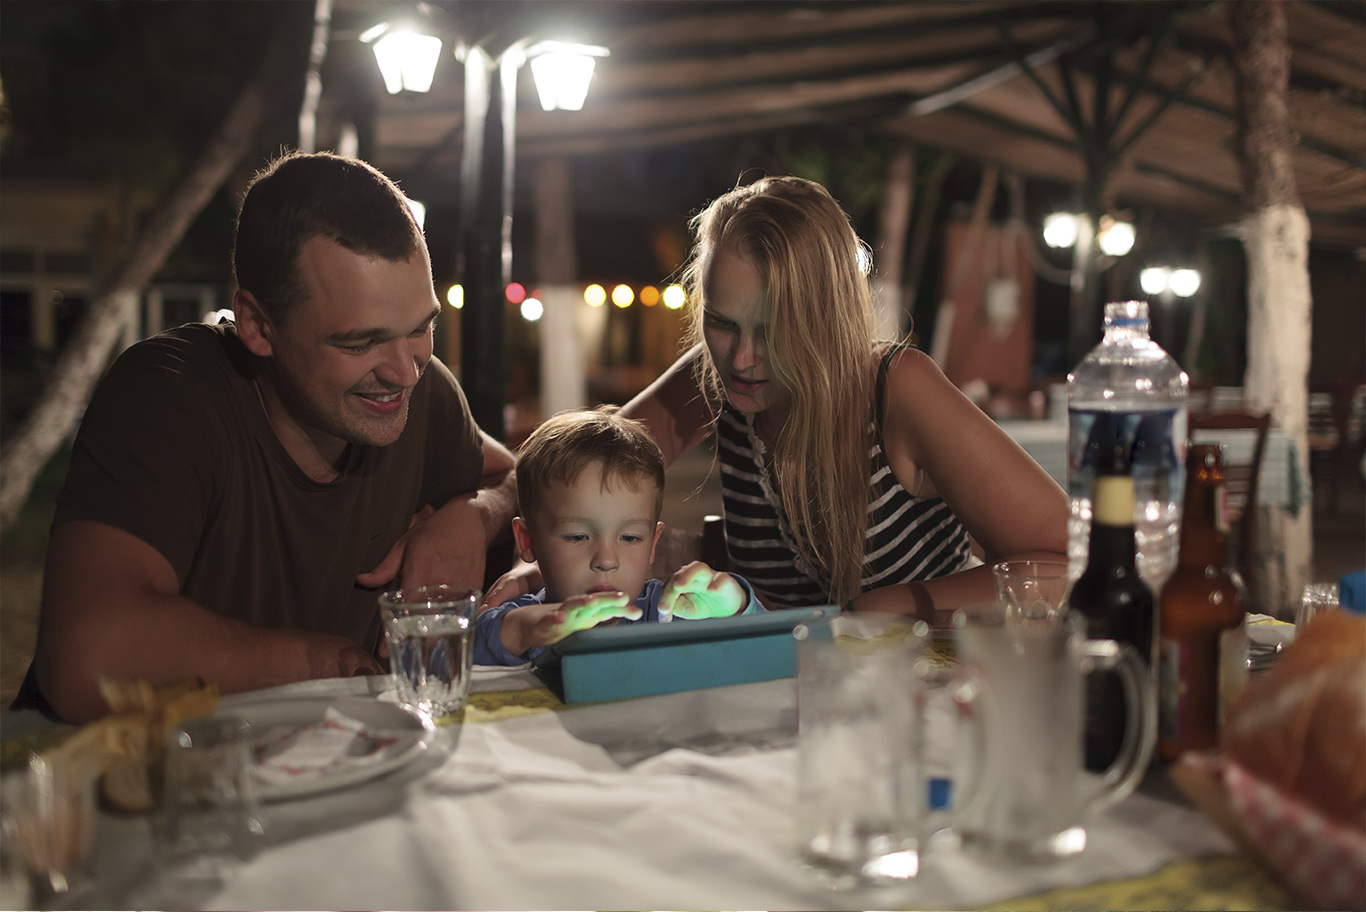 Children Vs. Parents - The Online Divide